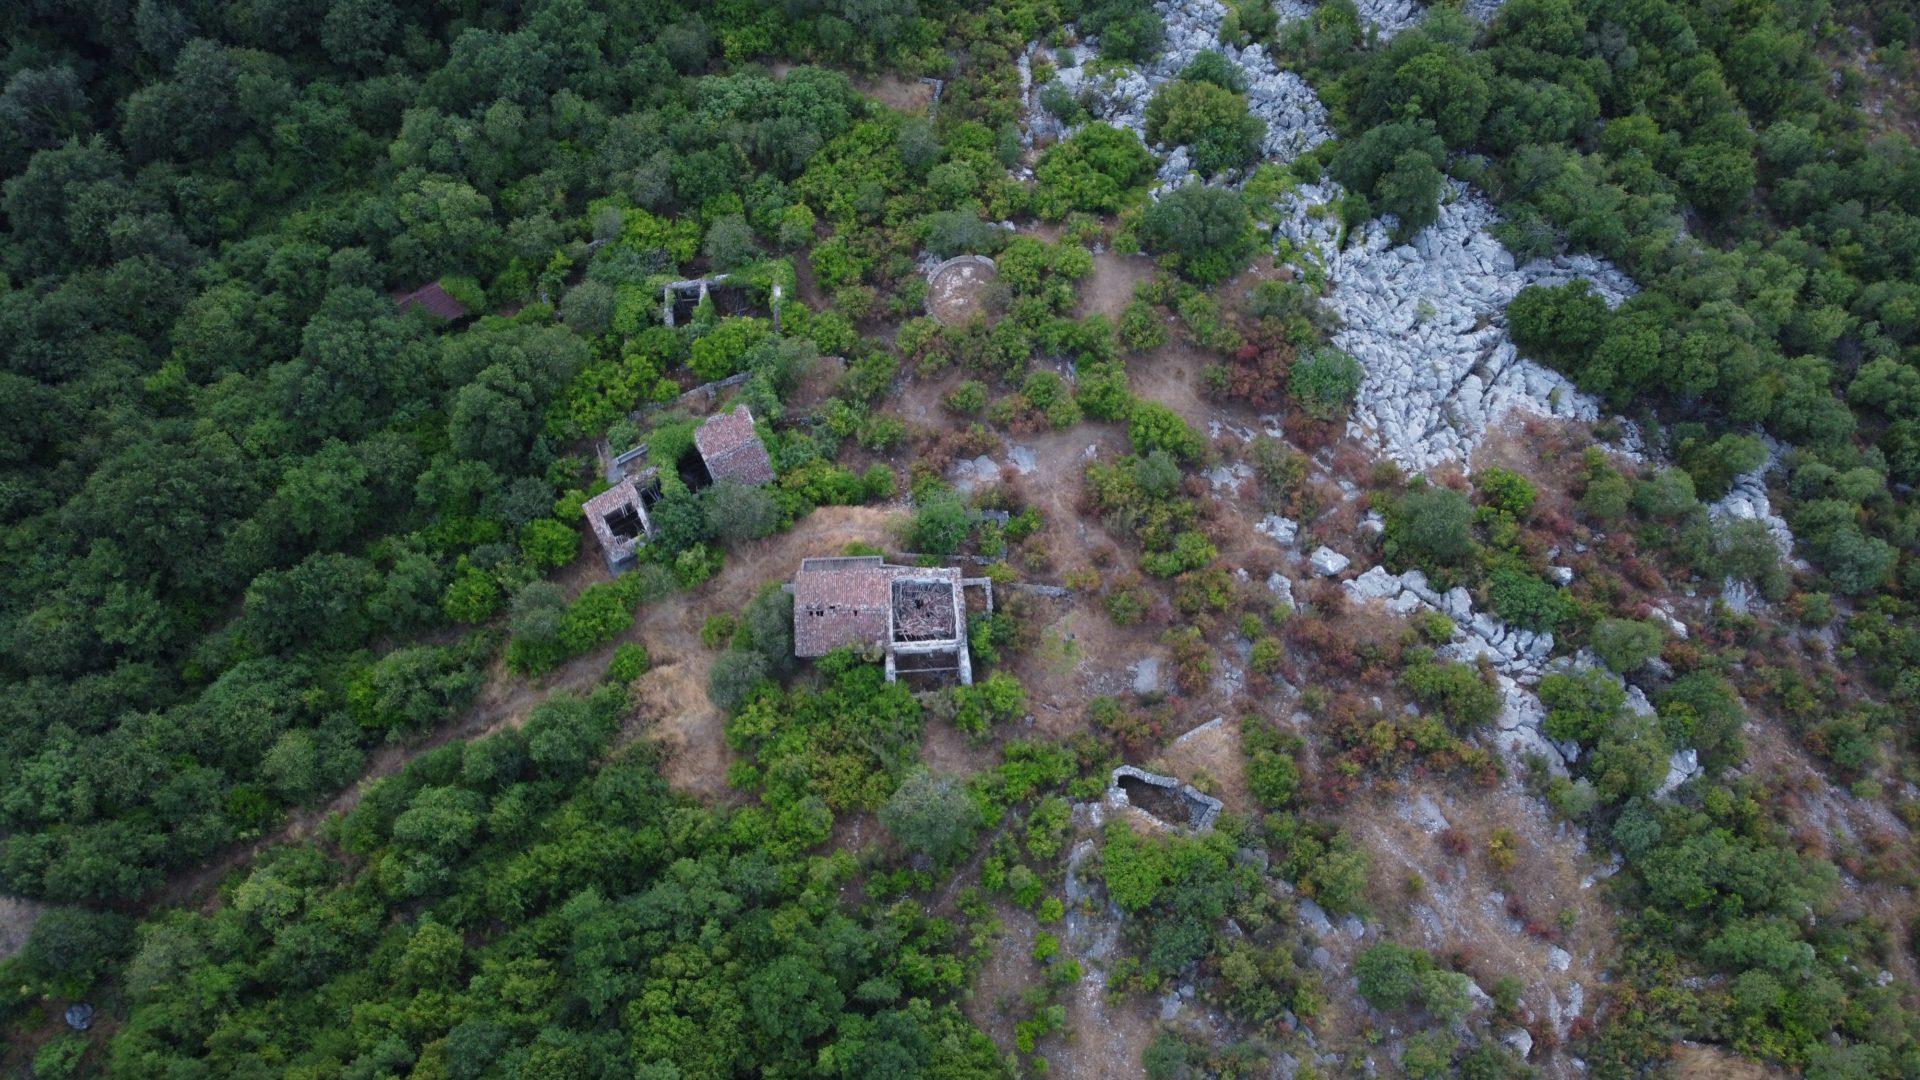 Photo drone Monténégro : Bergeries abandonnées dans le sud-est du Monténégro à côté du lac Skadar photographié en juillet 2021 avec un Drone DJI Mini2